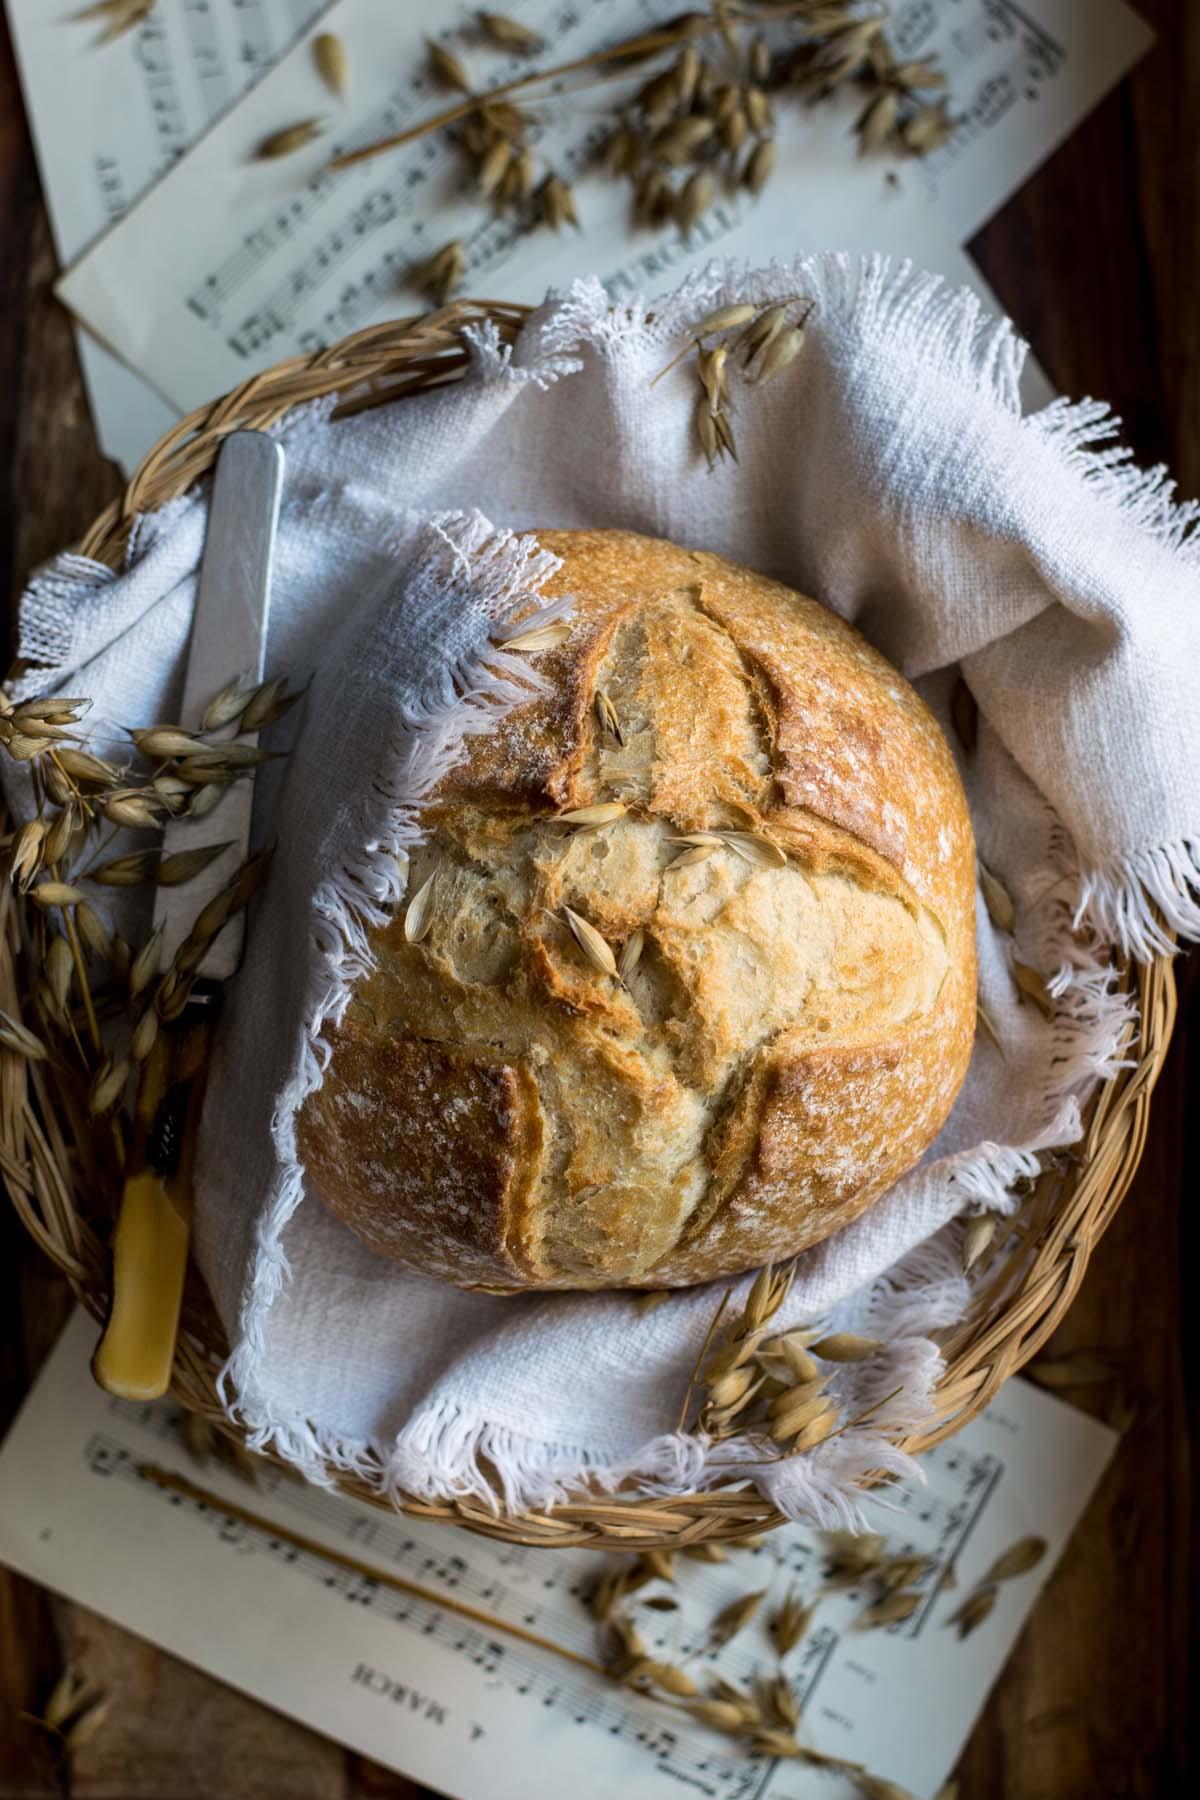 Profitable Bakery in Regional NSW